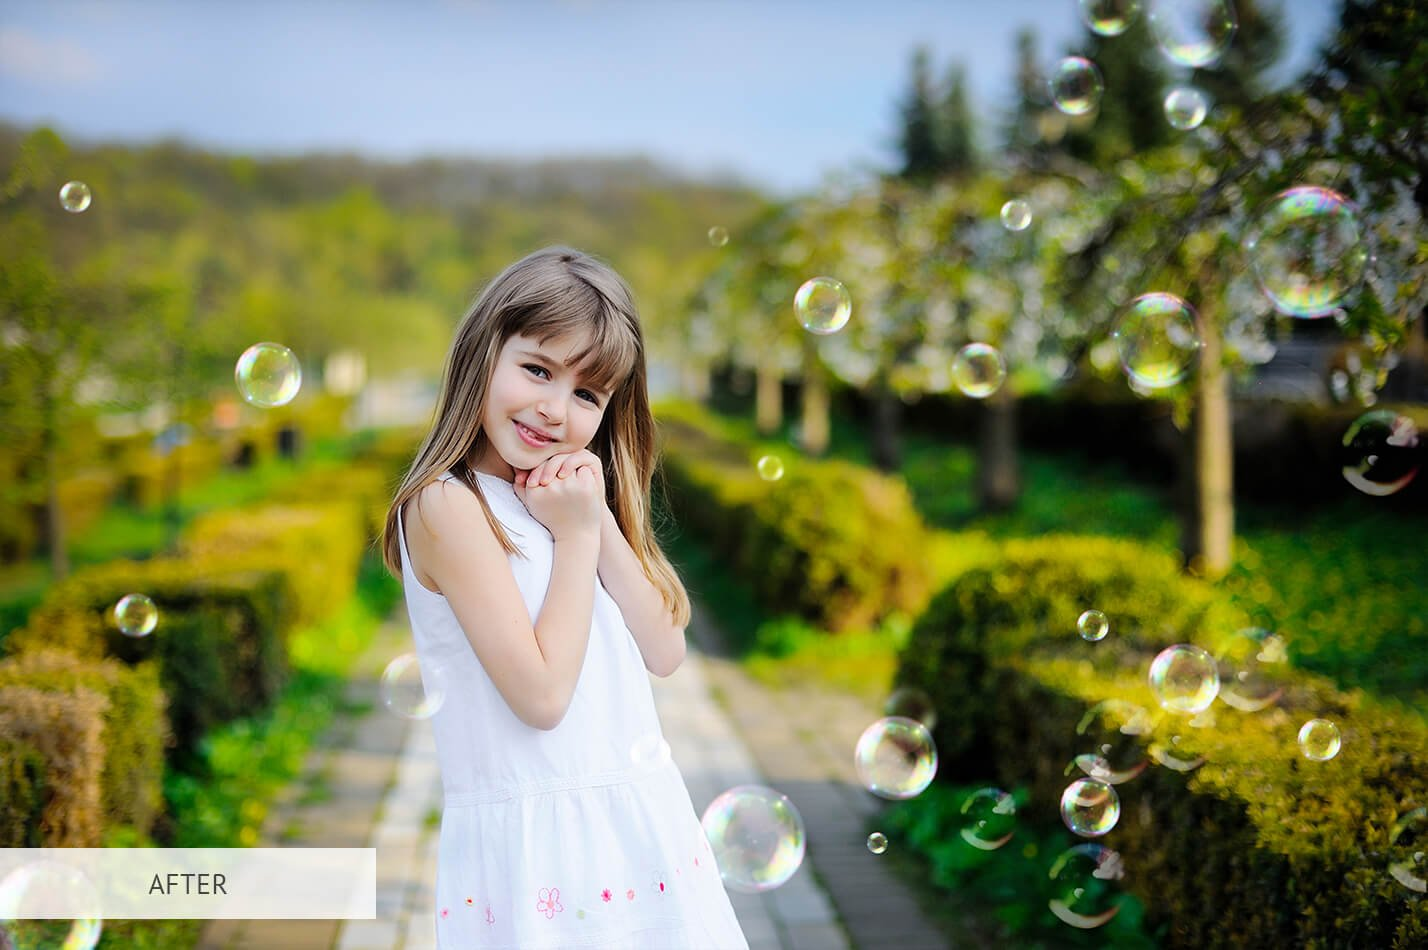 20个高清气泡PS图层叠加背景图片素材 Bubbles Overlays Photoshop插图(21)